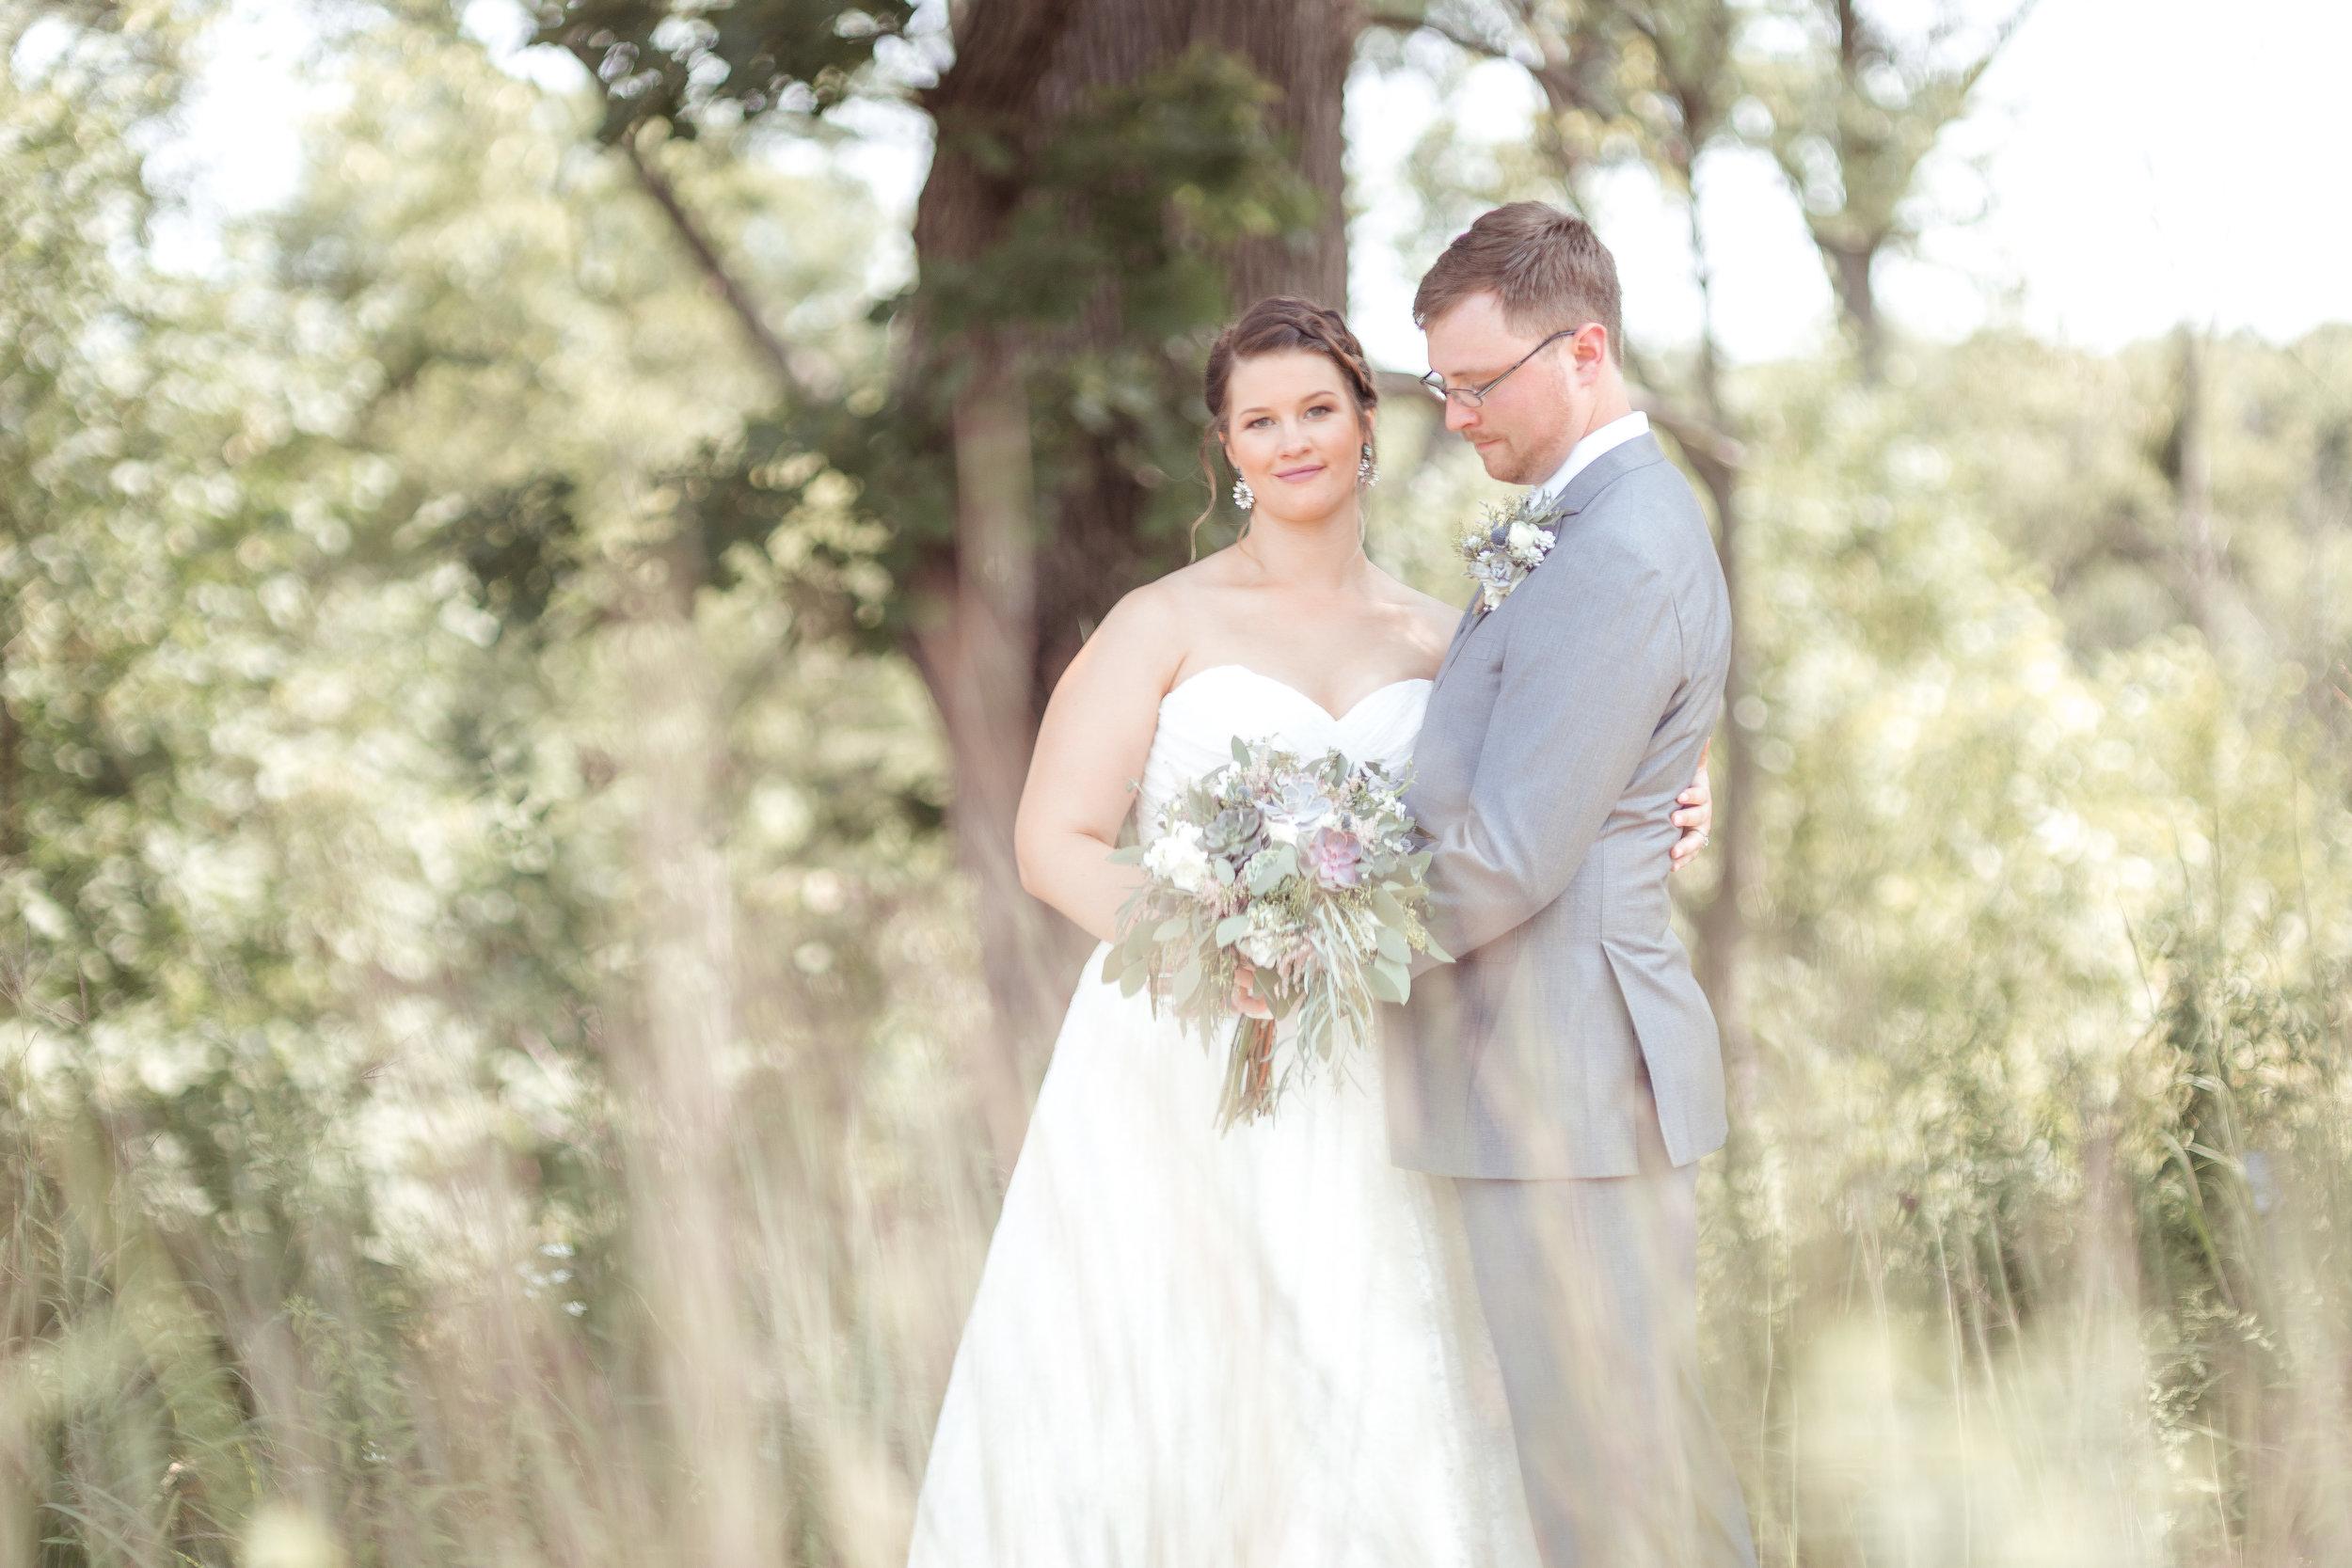 C_Wedding_Sarver, Alyssa & Scott_FOR BLOG-43.JPG